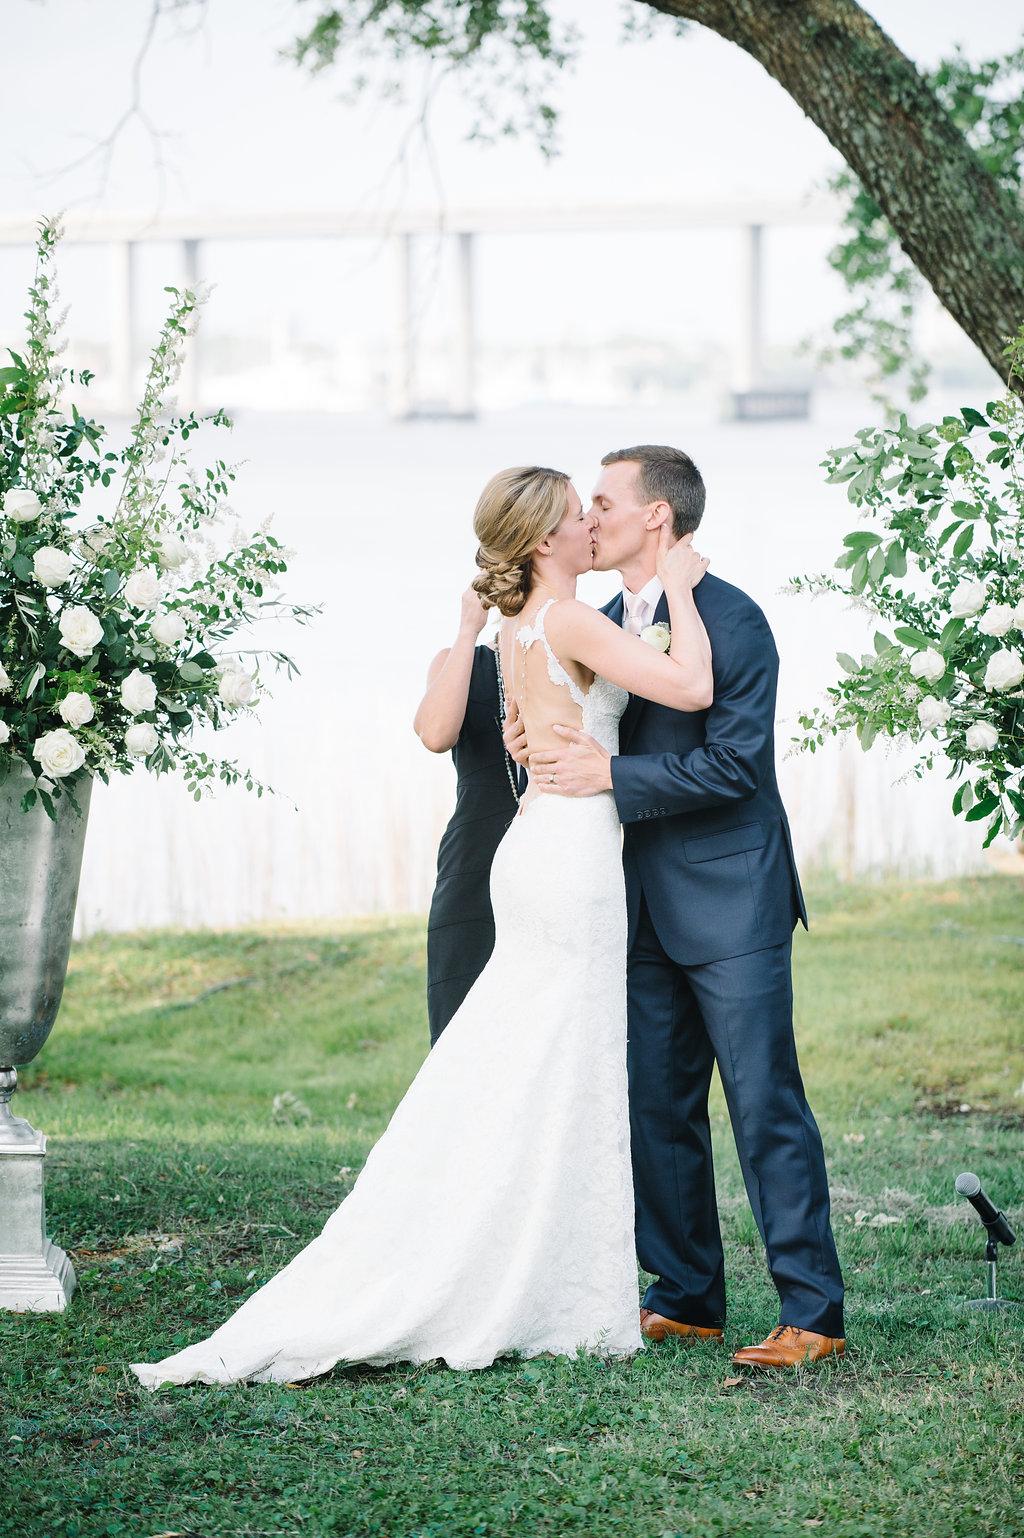 Chad and kira wedding